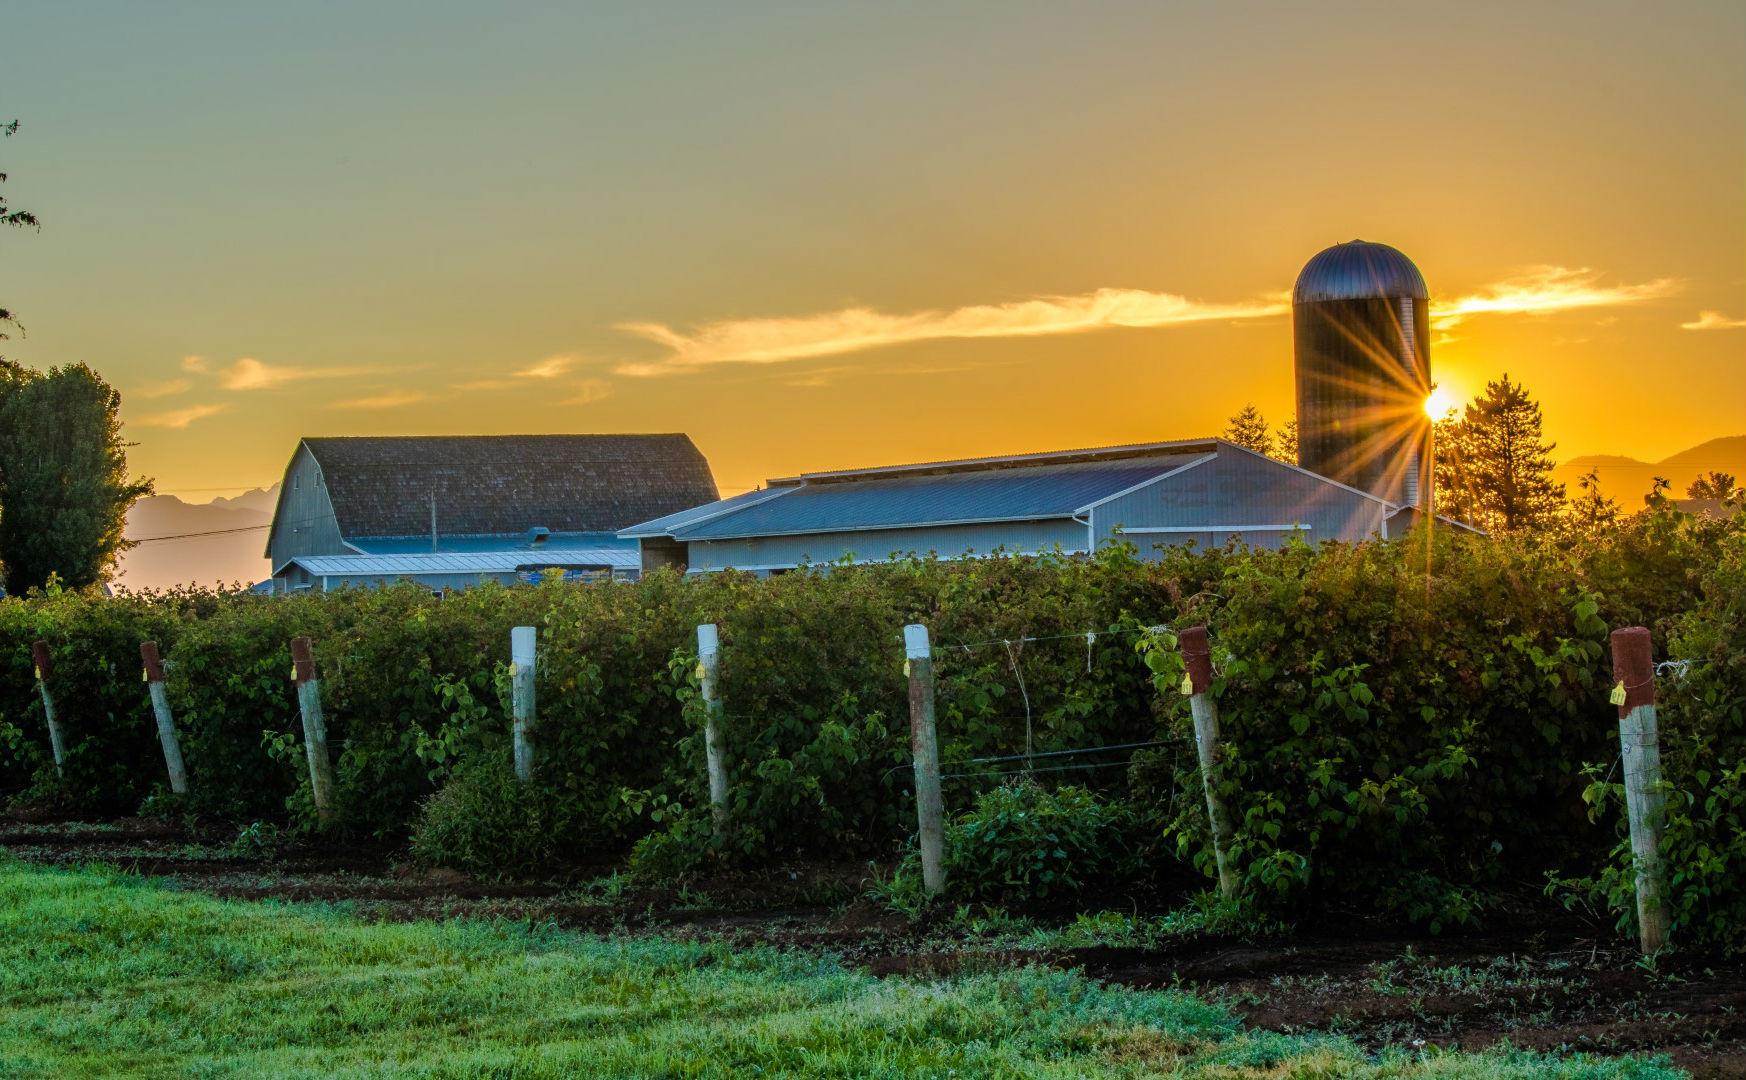 Sunrise over silo and farm scene